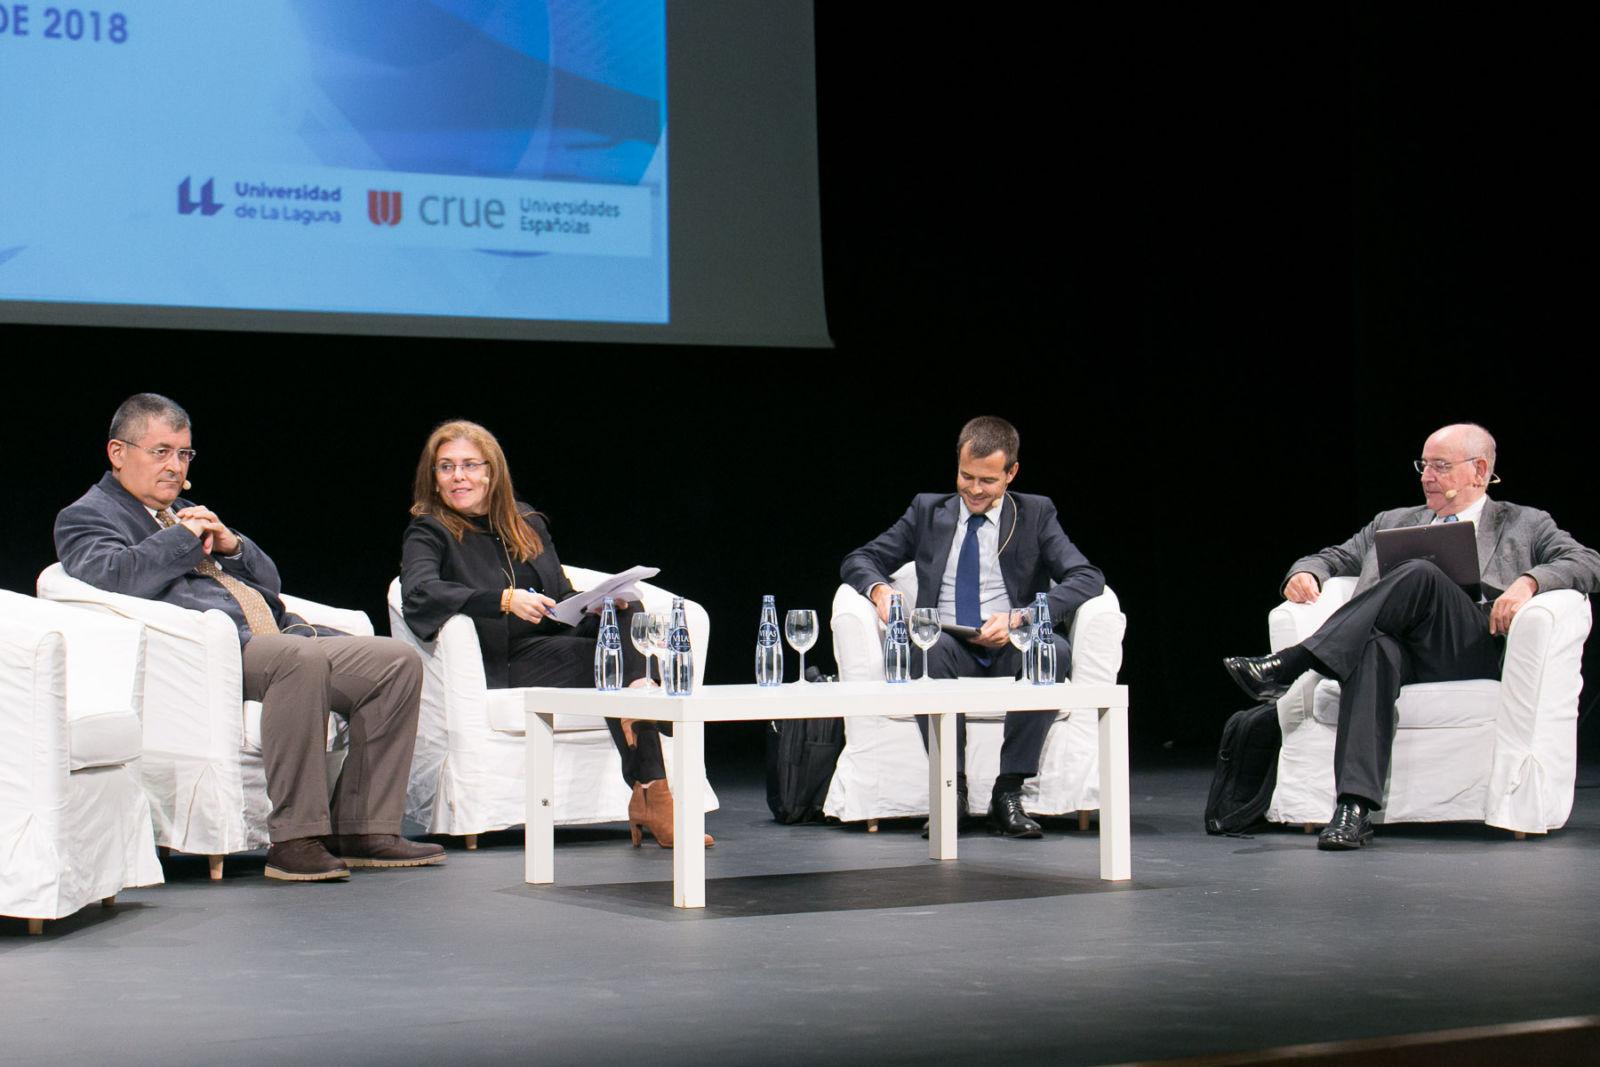 La protección de datos y el valor de la transparencia, a debate en la reunión nacional de gerentes en la ULL